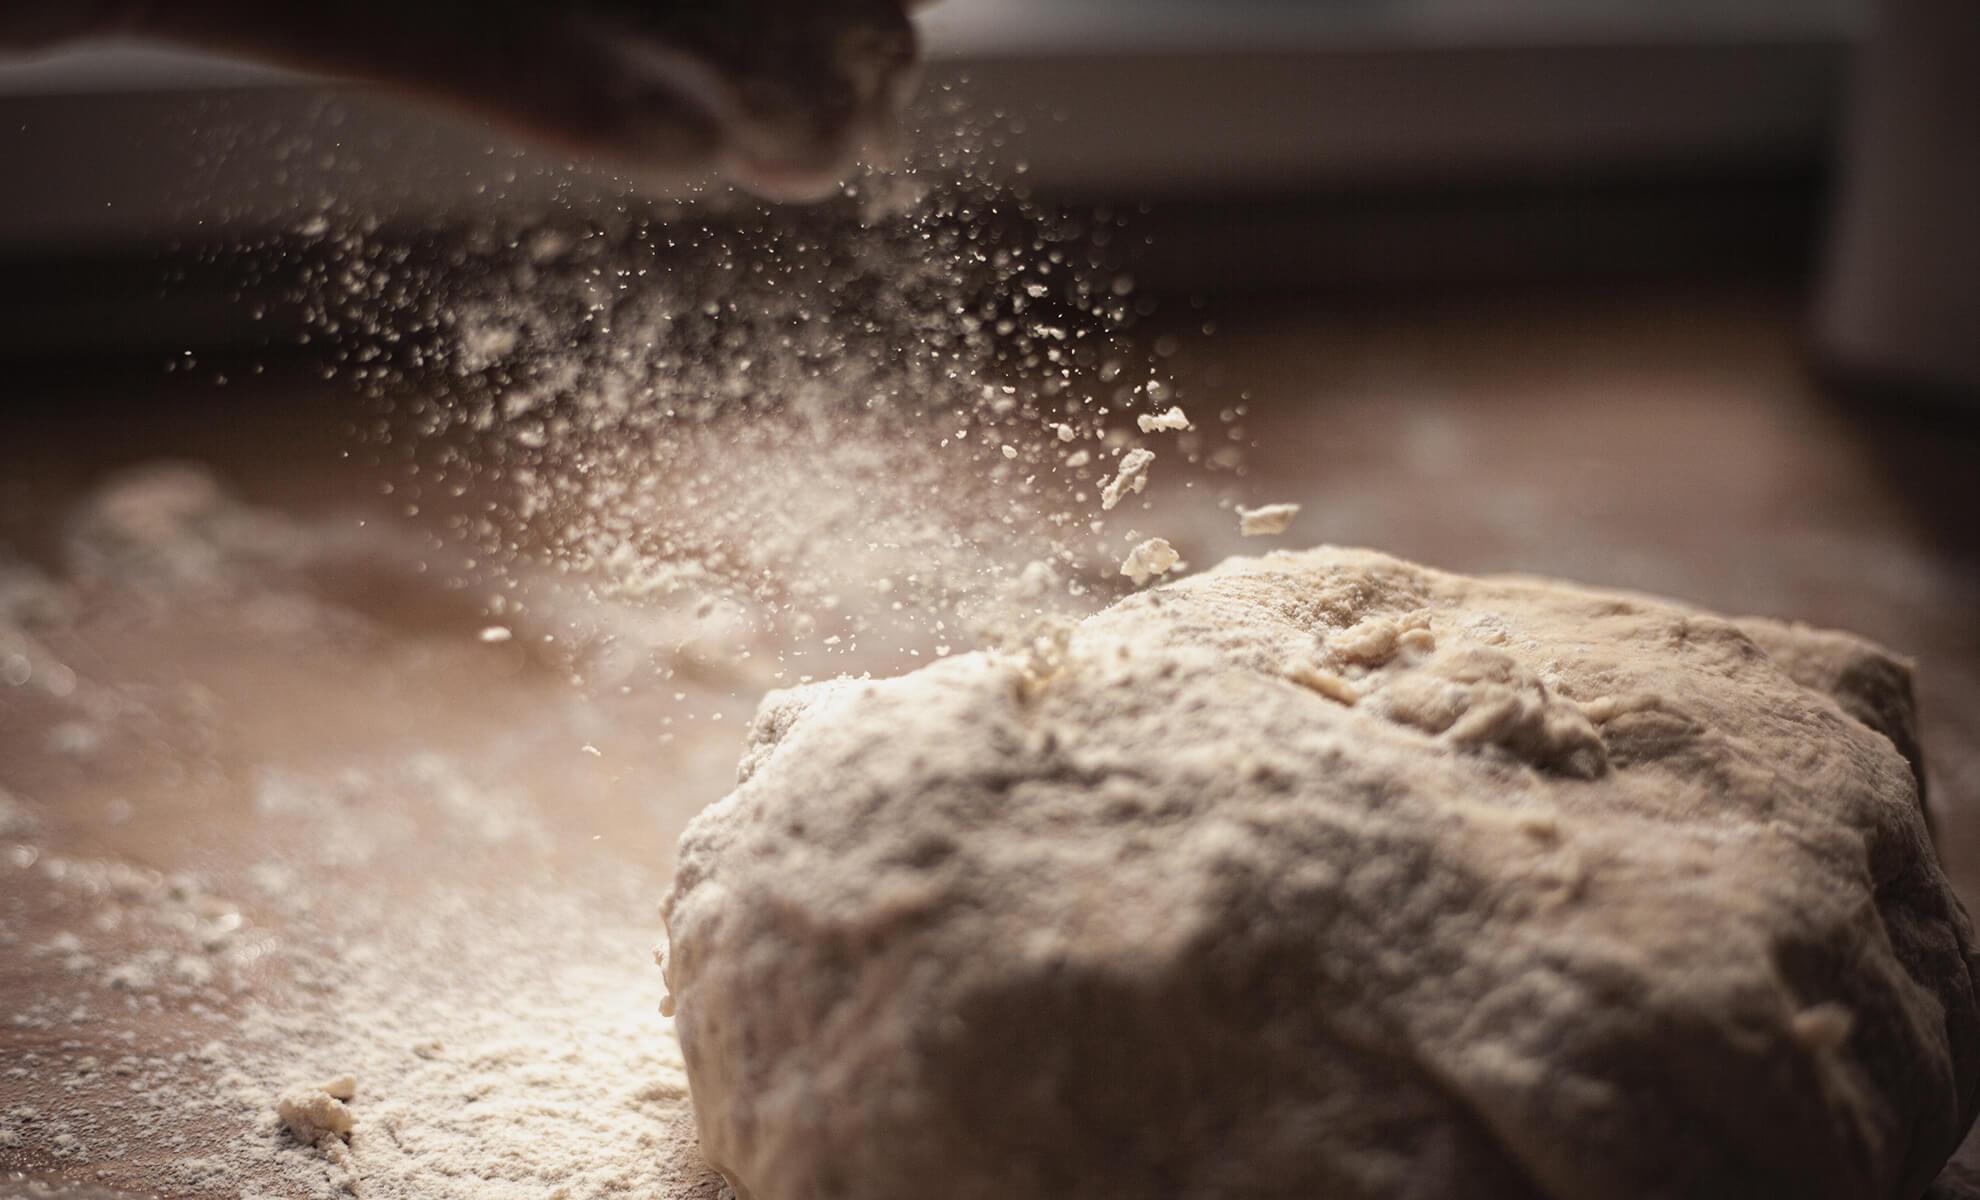 Flour for polenta